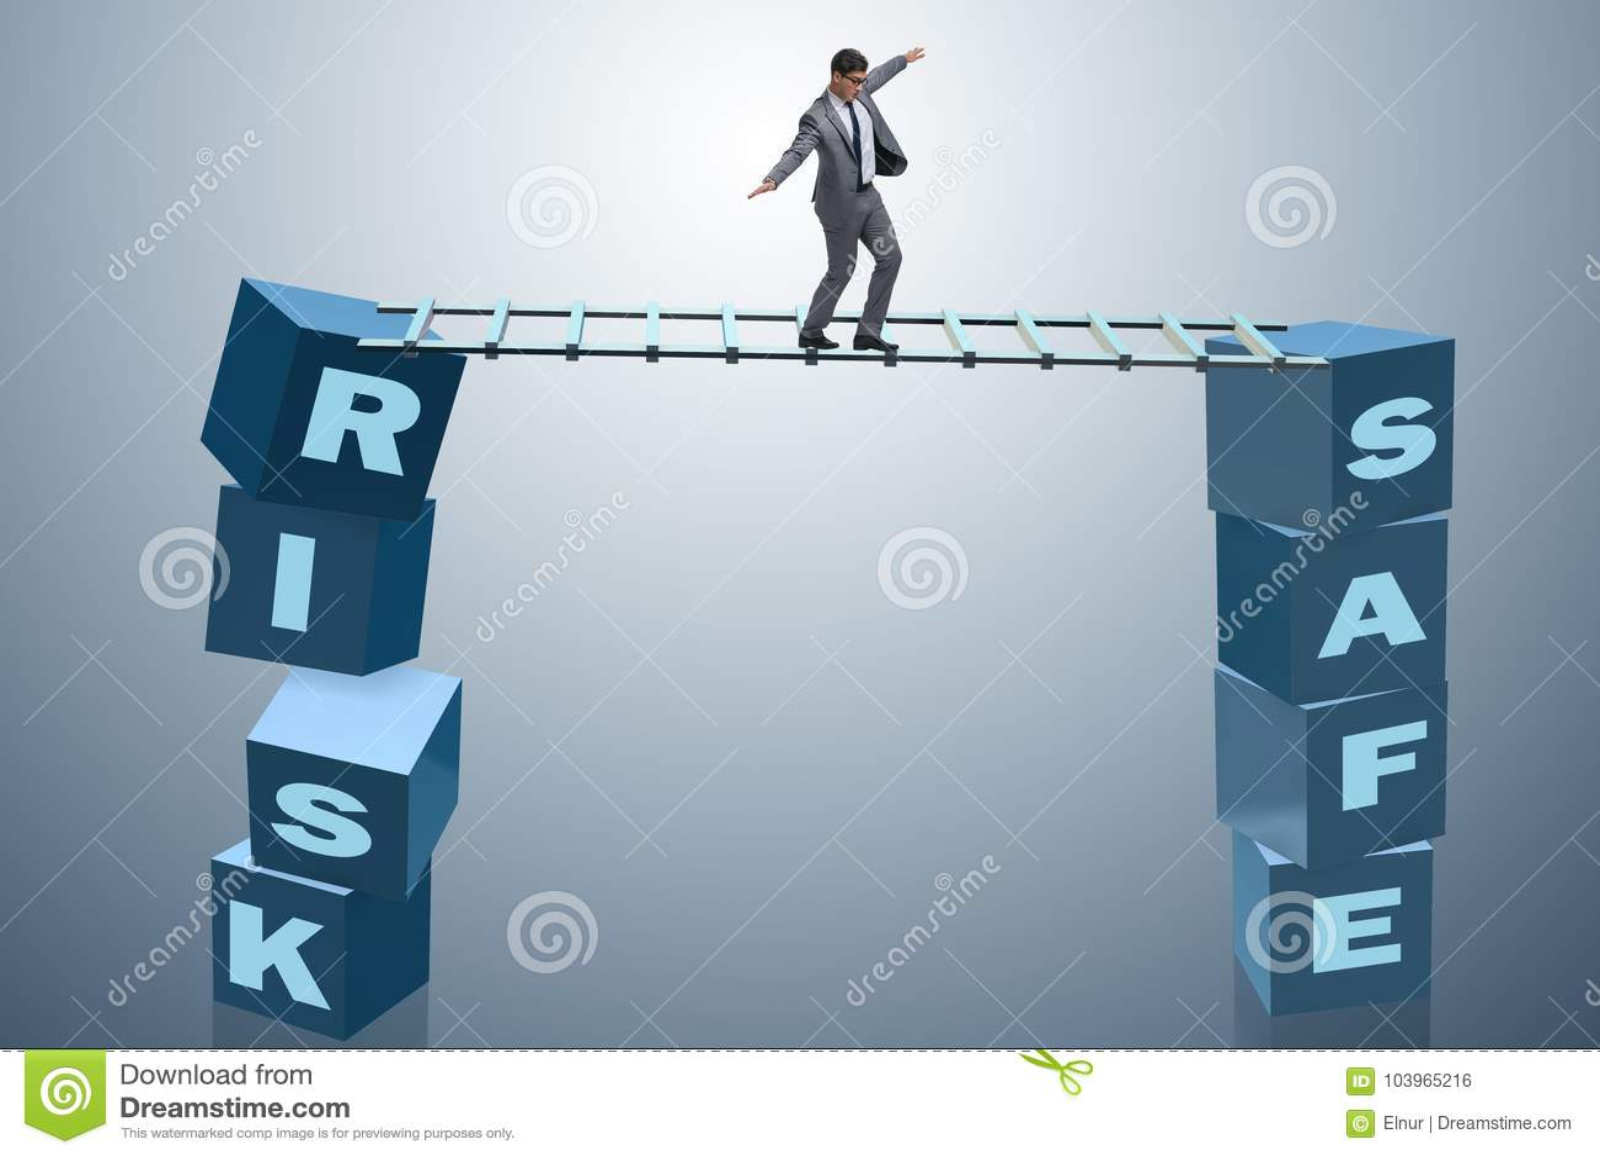 Der Geschäftsmann im Risiko- und Belohnungsgeschäftskonzept